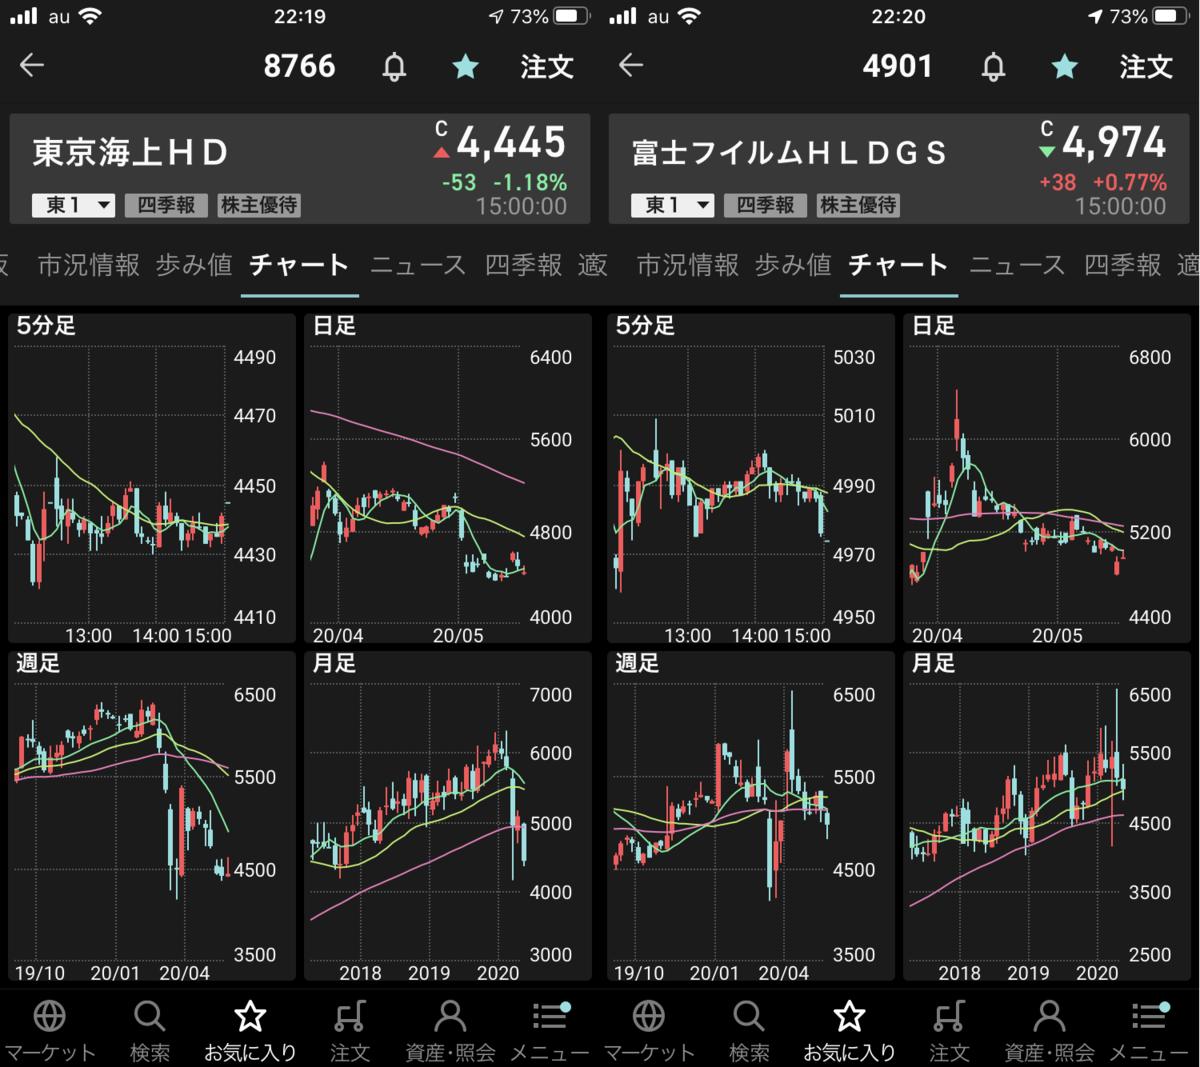 株で稼ぐ Kensinhan の投資ブログ 次の期待銘柄